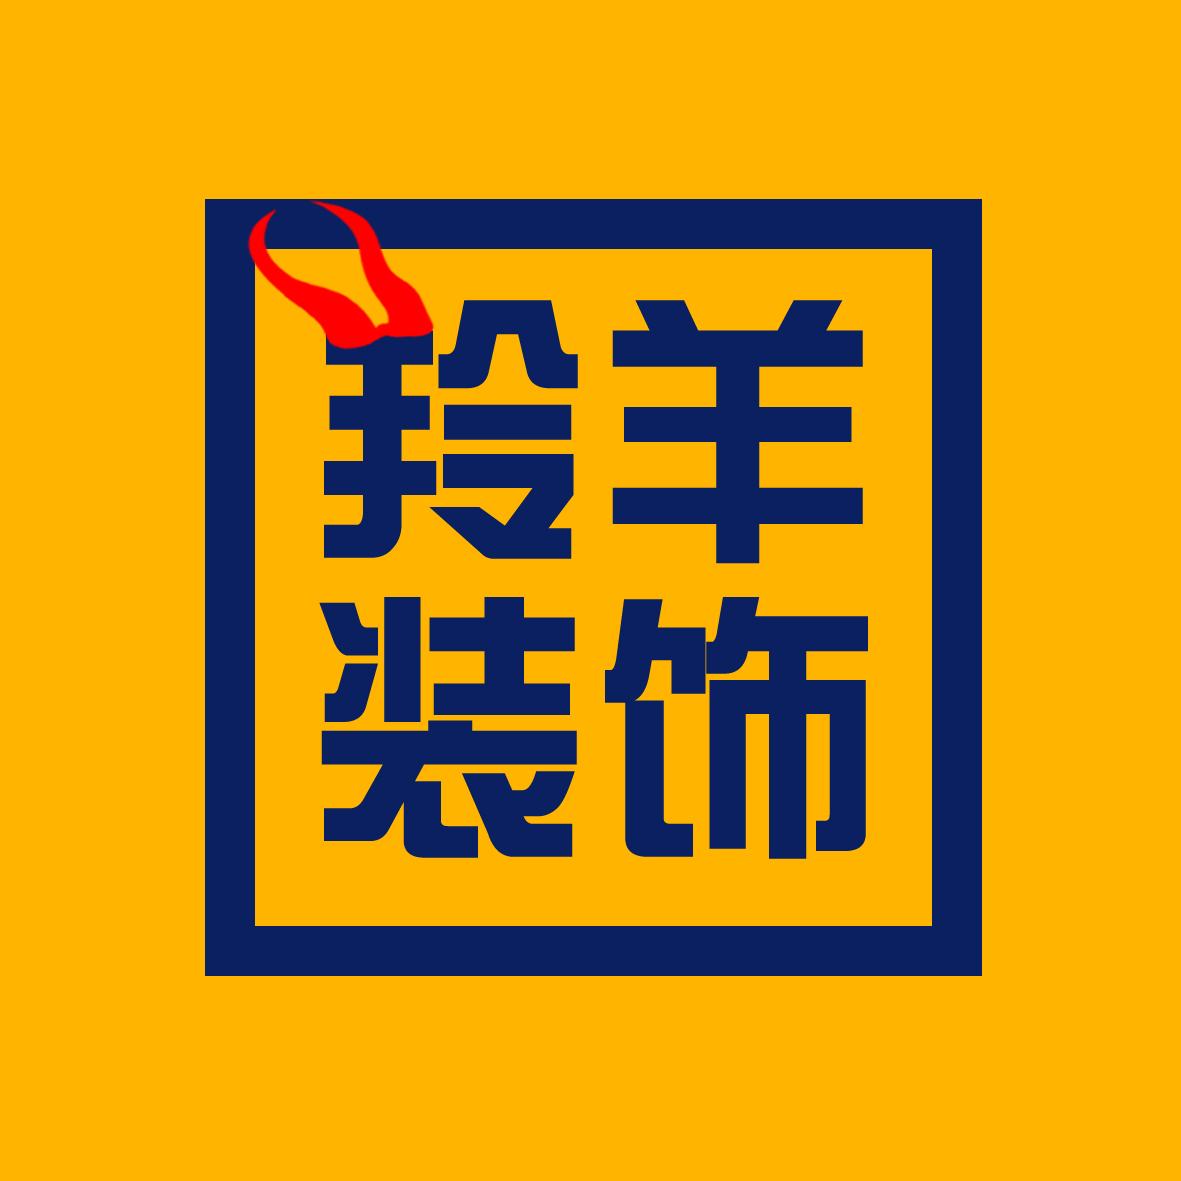 哈尔滨羚羊装饰装修有限公司